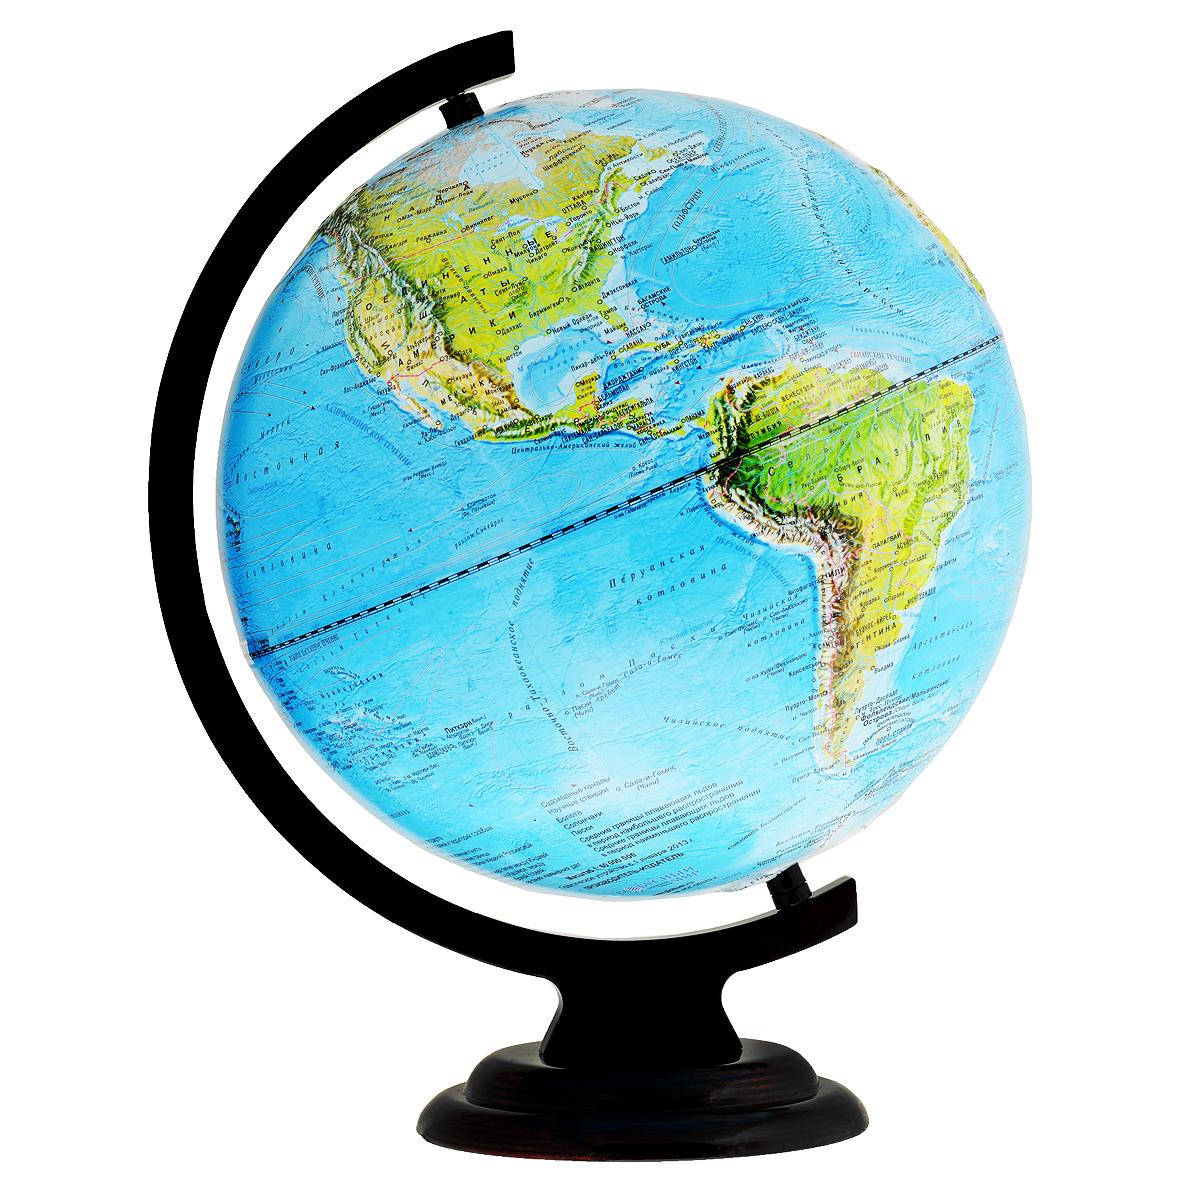 Глобус настольный, рельефный, с физической картой мира, диаметр 32 см. 1024610246Глобус физический рельефный изготовленный из высококачественного прочного пластика, показывает географические особенности нашей планеты Земля: горы, леса, пустыни, долины. Изделие расположено на деревянной подставке. На нем отображены картографические линии: гидрографическая сеть, элементы почвенно-растительного покрова, крупнейшие населенные пункты, теплые и холодные течения, рельефы морского дна и суши. Горы и возвышенности на поверхности рельефно выделены. Глобус с физической картой мира станет незаменимым атрибутом обучения не только школьника, но и студента. Все названия на глобусе приведены на русском языке. Ничто так не обеспечивает всестороннего и детального изучения устройства мира в таком сжатом и объемном образе, как физический глобус. Сделайте первый шаг в стимулирование своего обучения! Масштаб: 1:40 000 000.